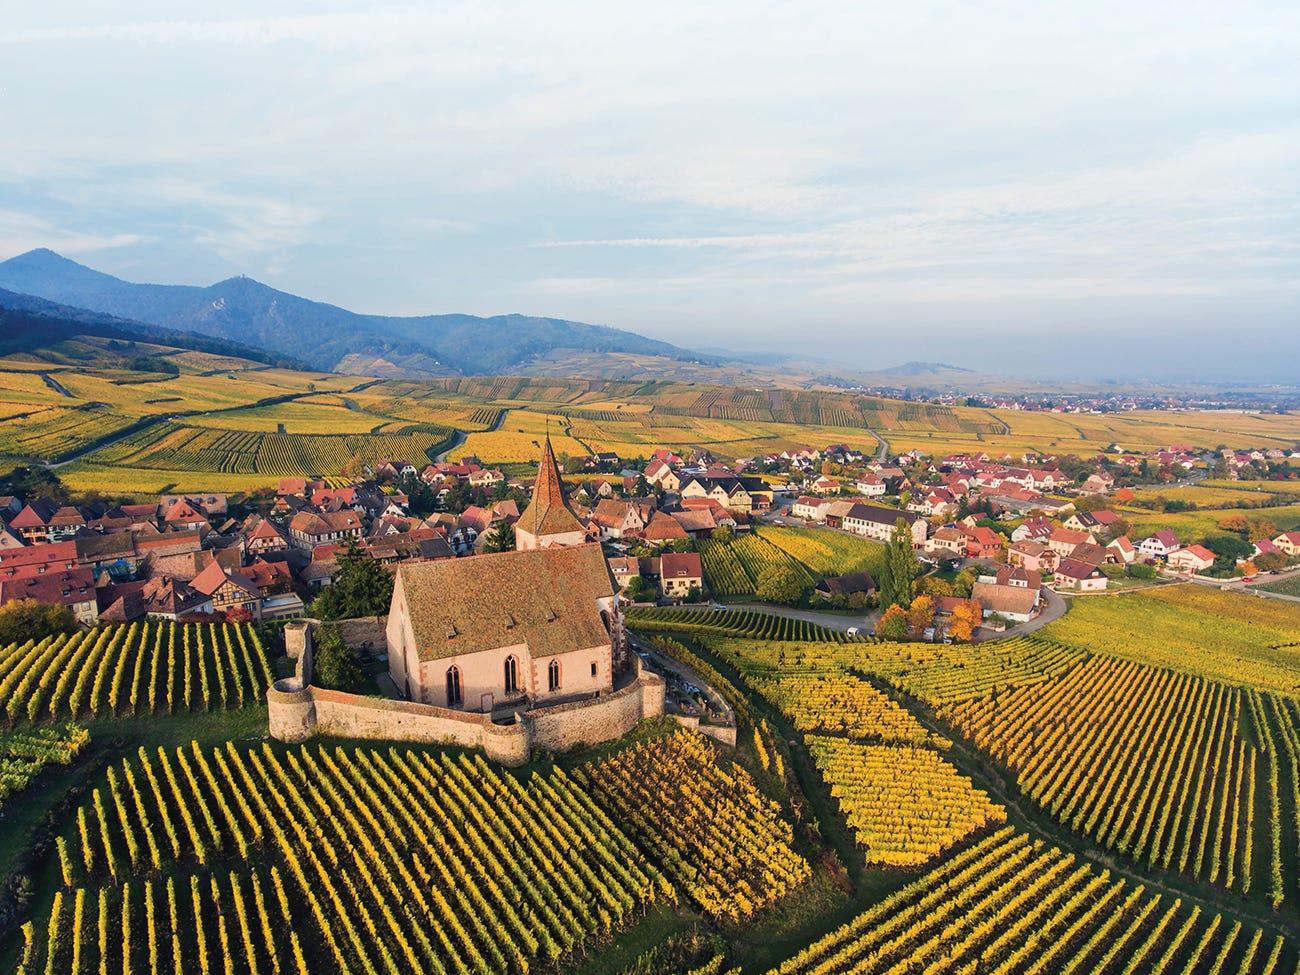 Vue aérienne des plaines et vignobles en Alsace